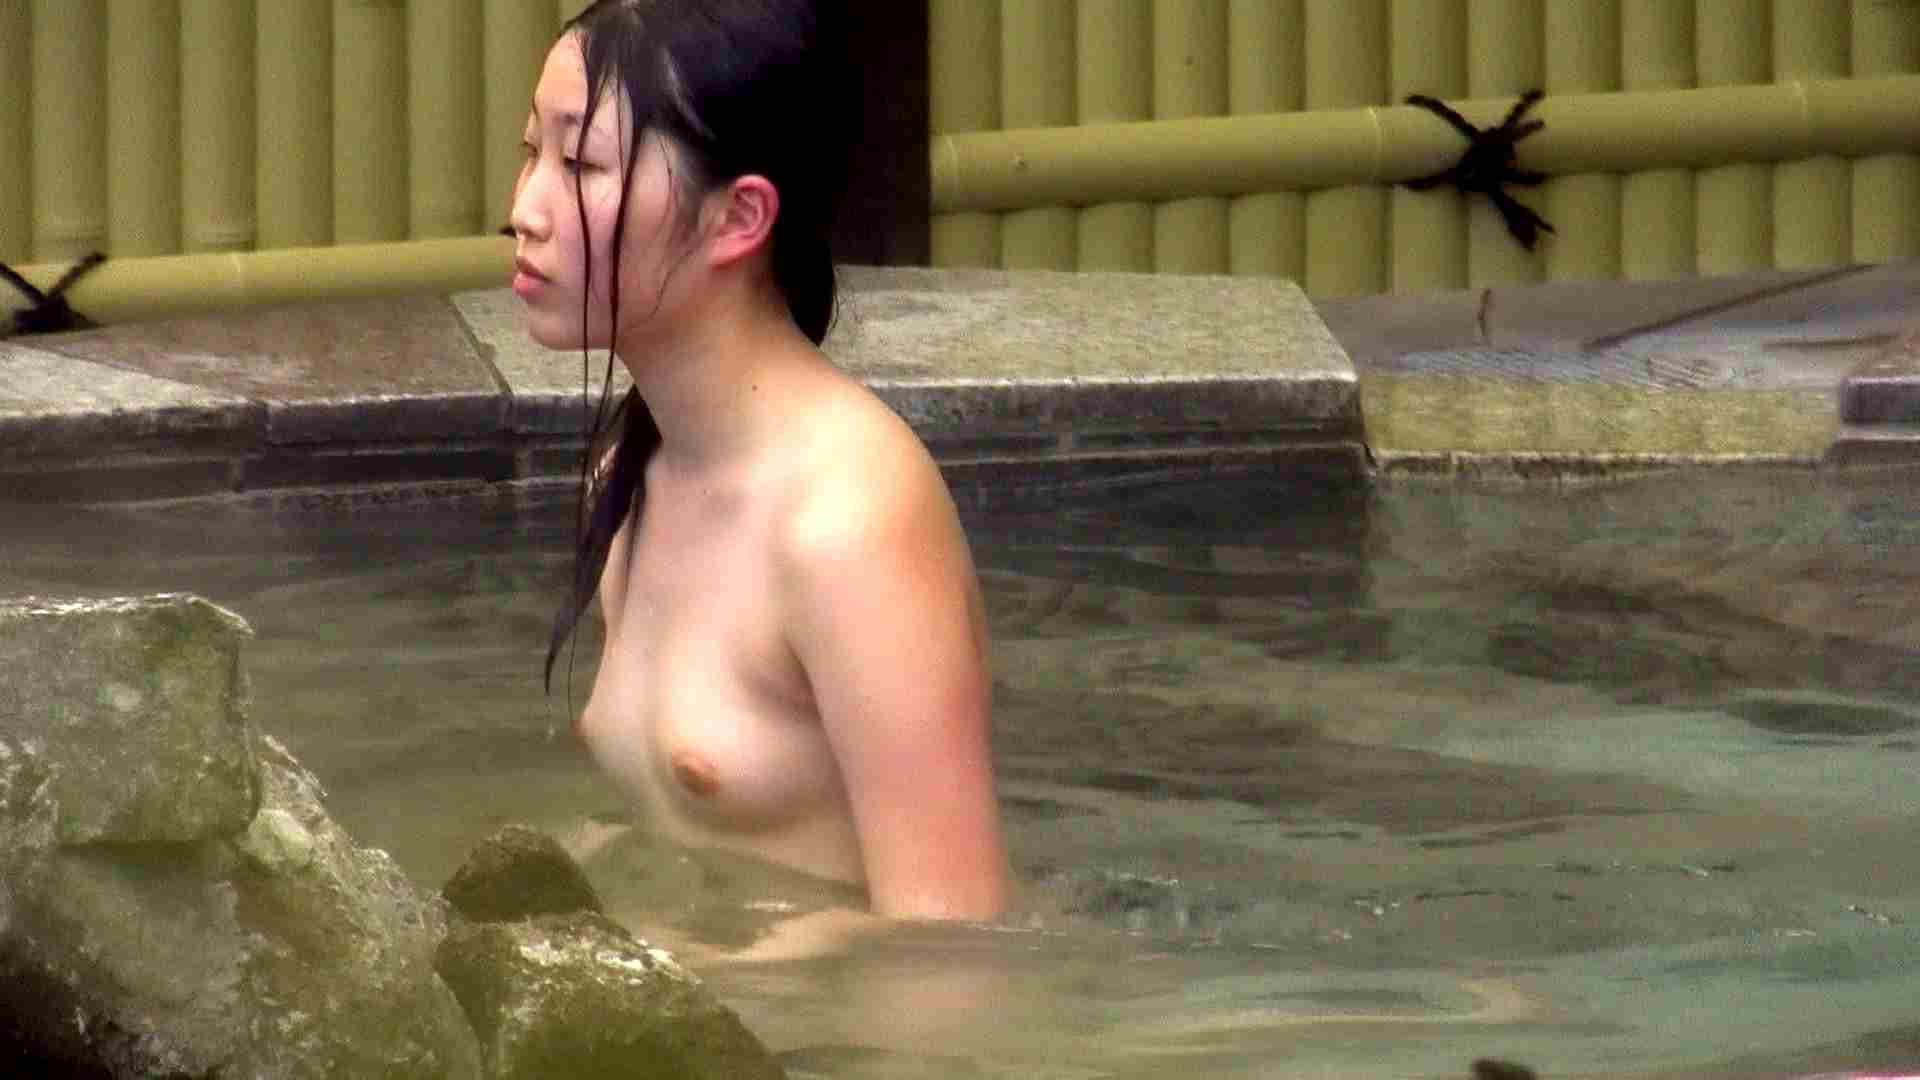 Aquaな露天風呂Vol.218 綺麗なOLたち | 盗撮  75枚 22